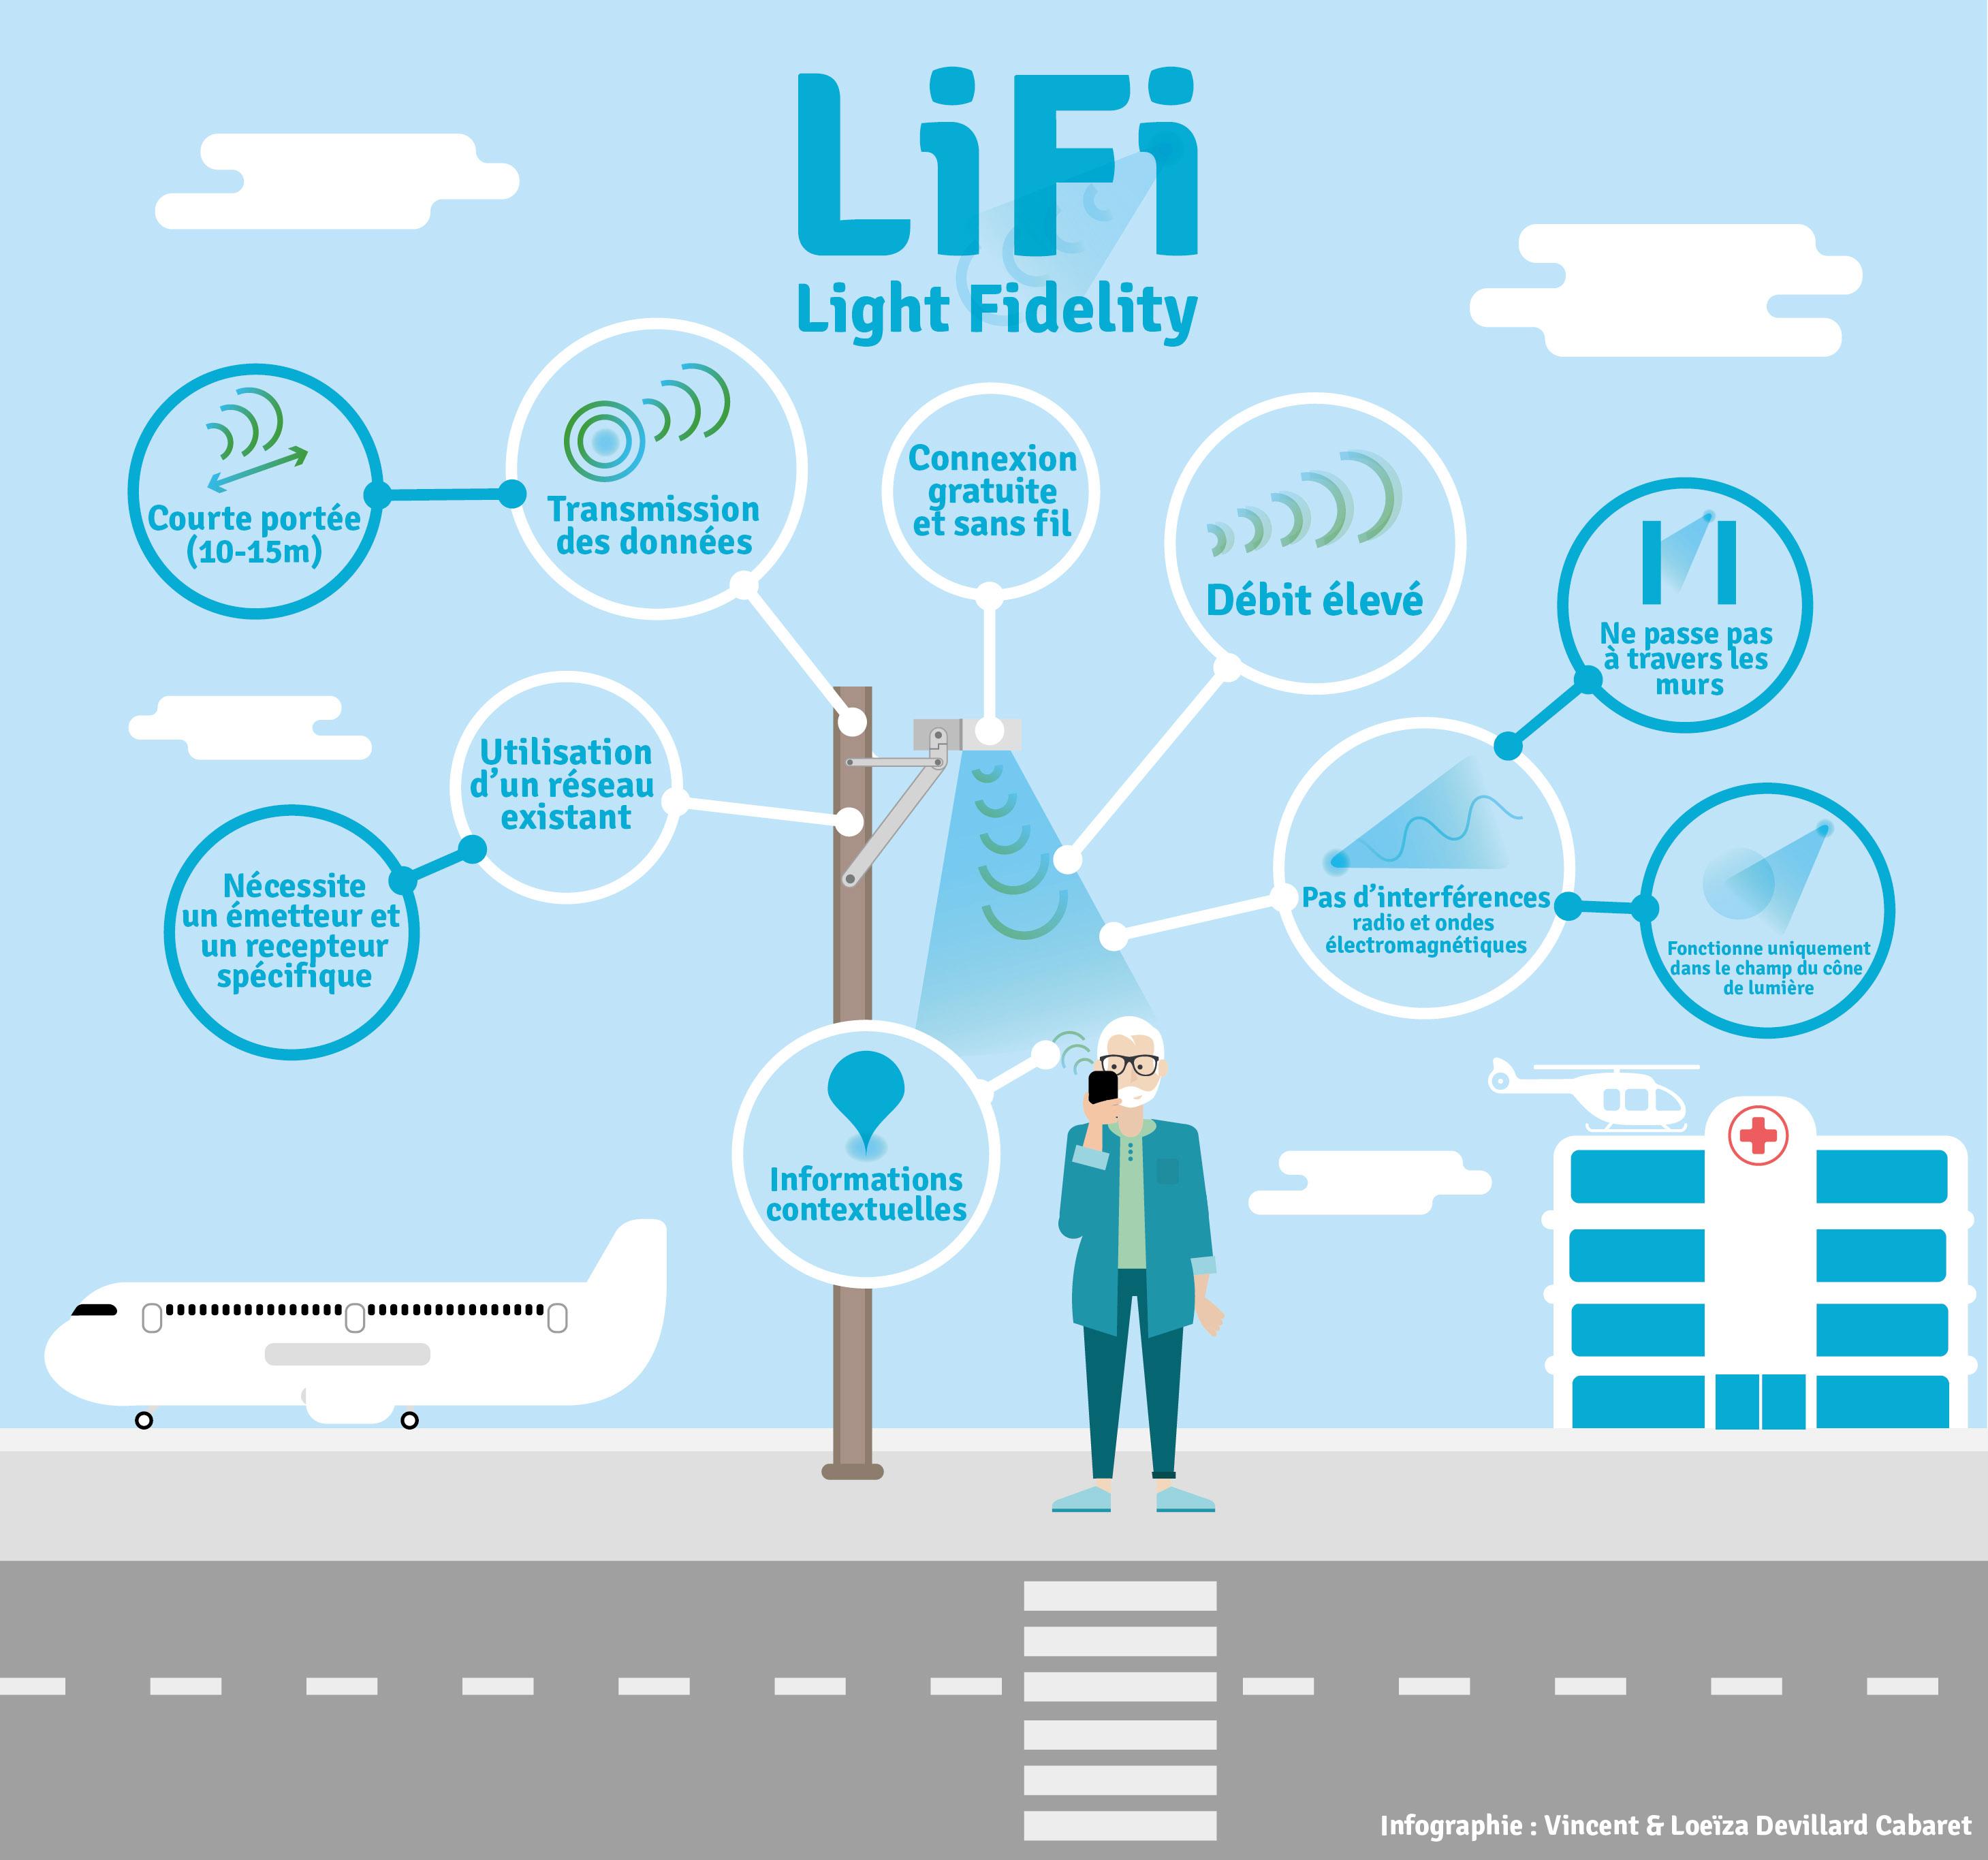 Lifi - Light Fidelity - Le fonctionnement du LiFi